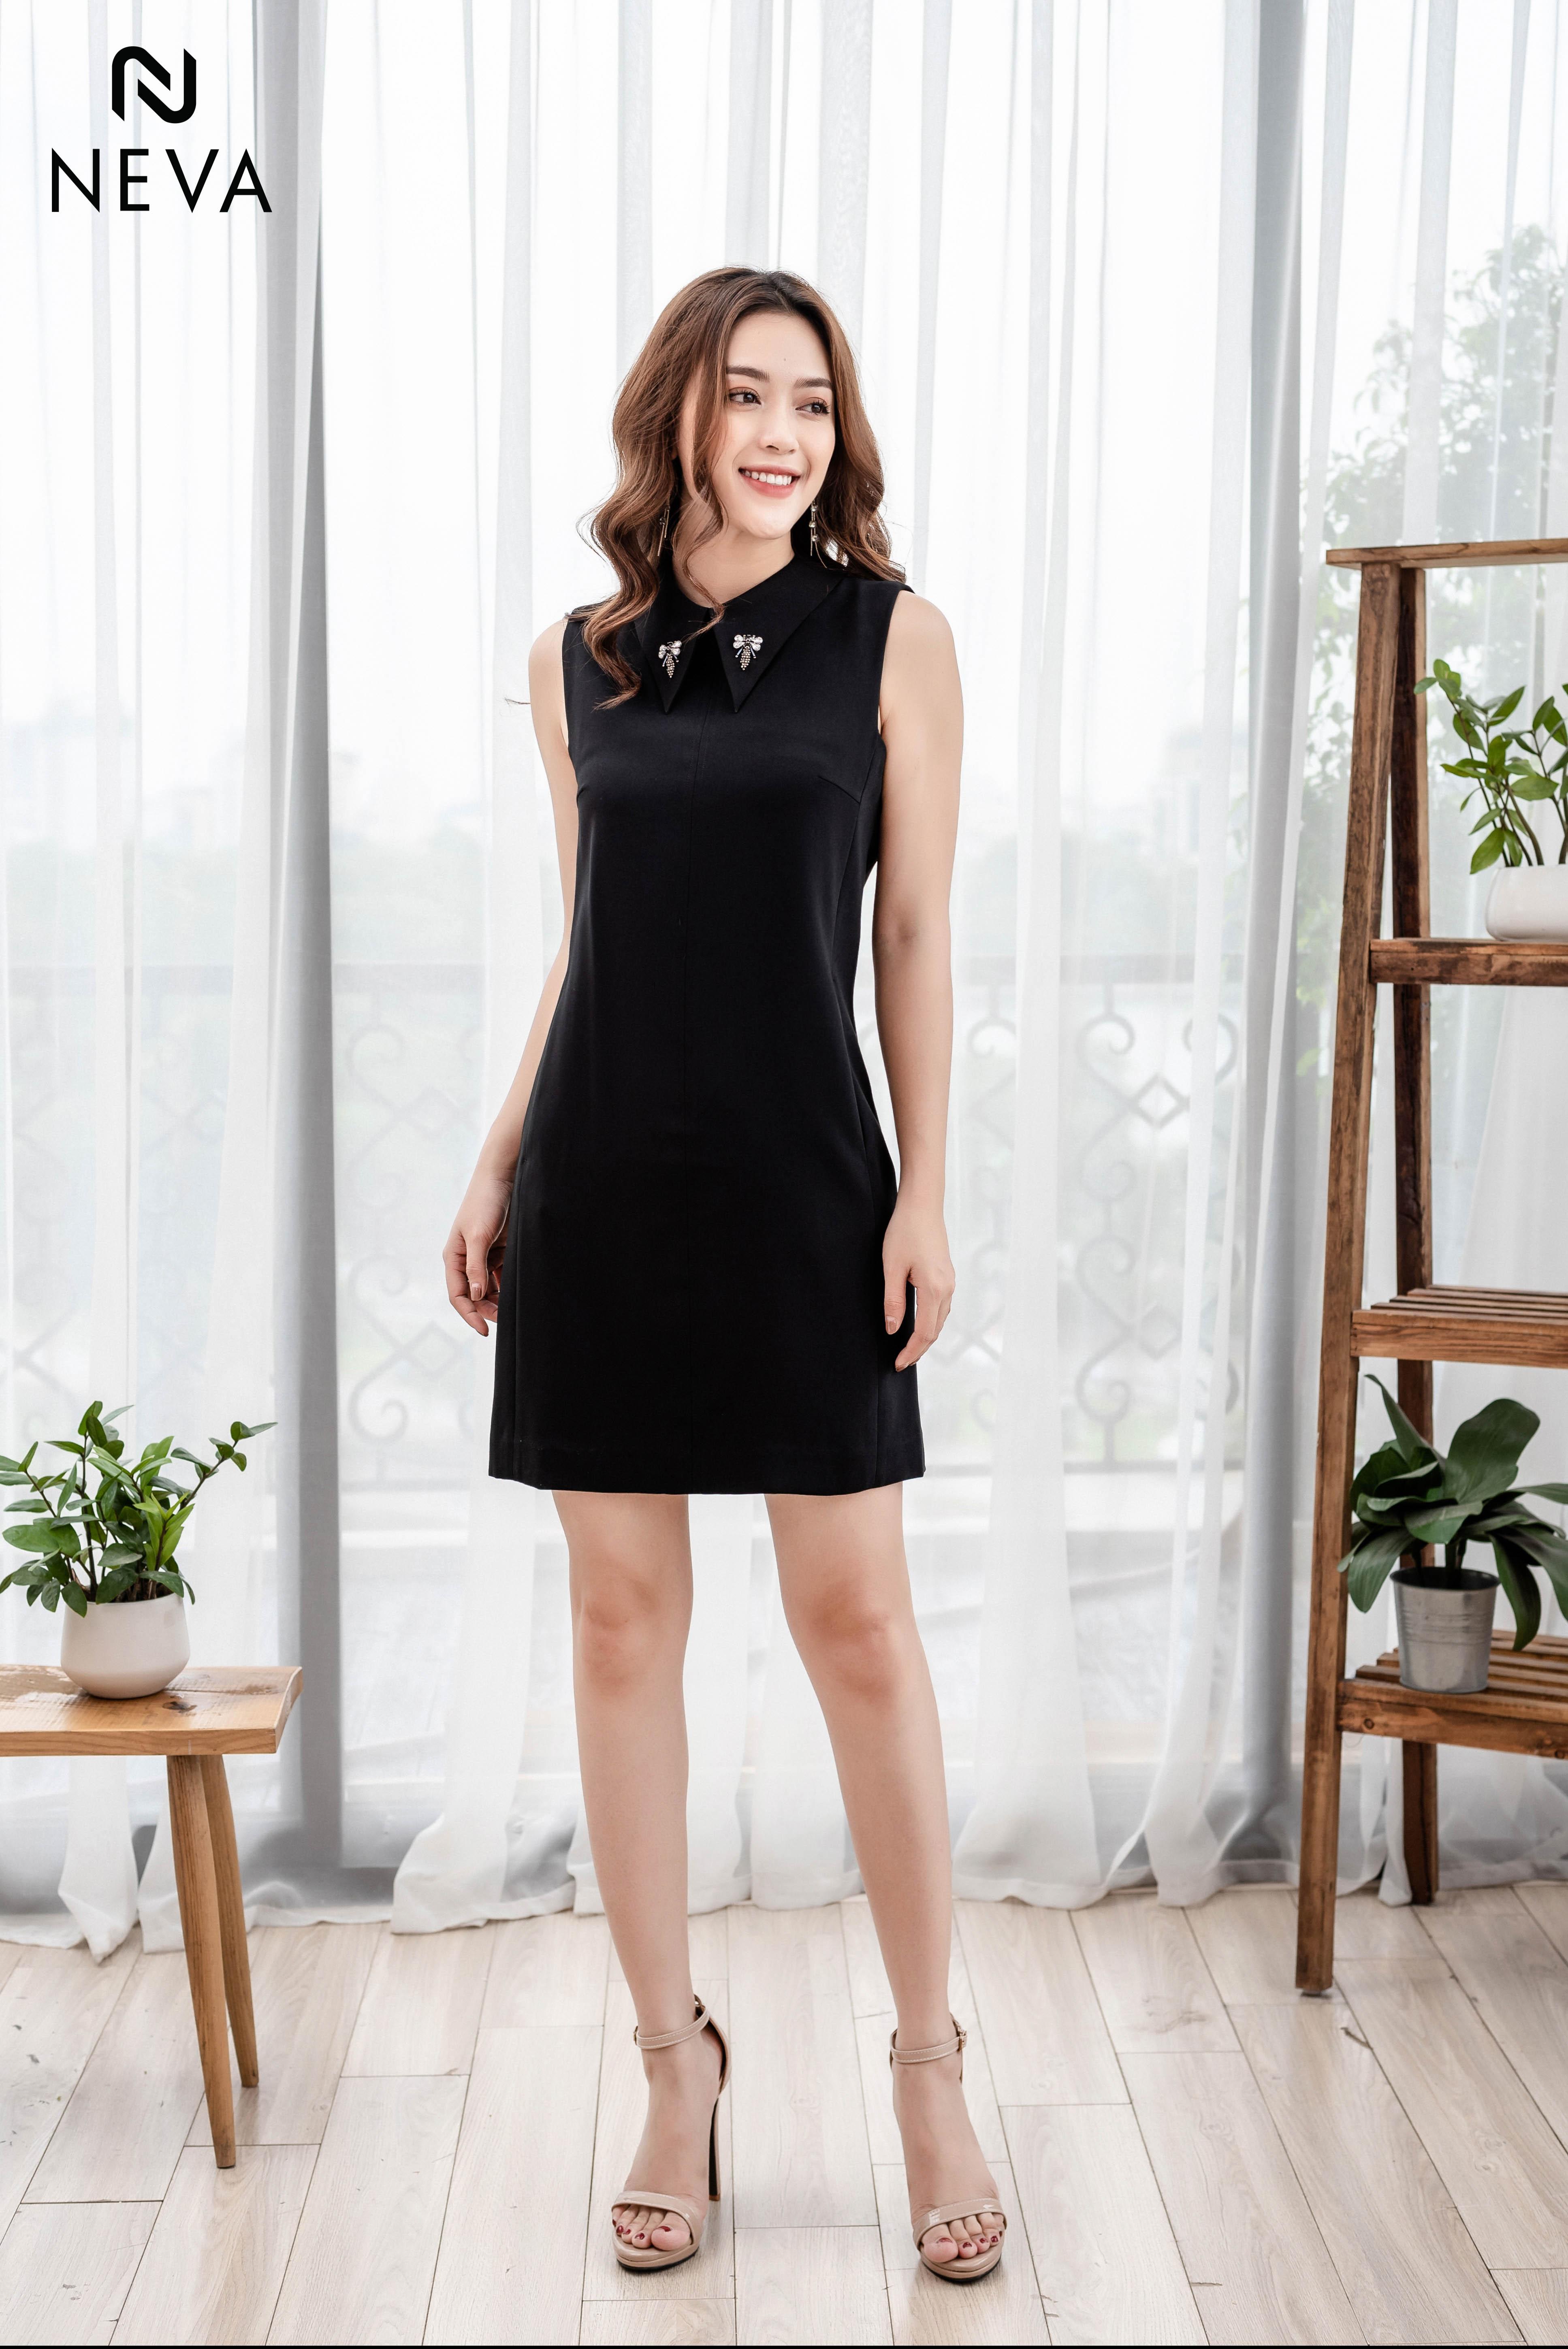 Thời trang nữ:  Xu hướng mẫu thiết kế váy đẹp cực HOT 19SNDK445-1,298,000%20(2)